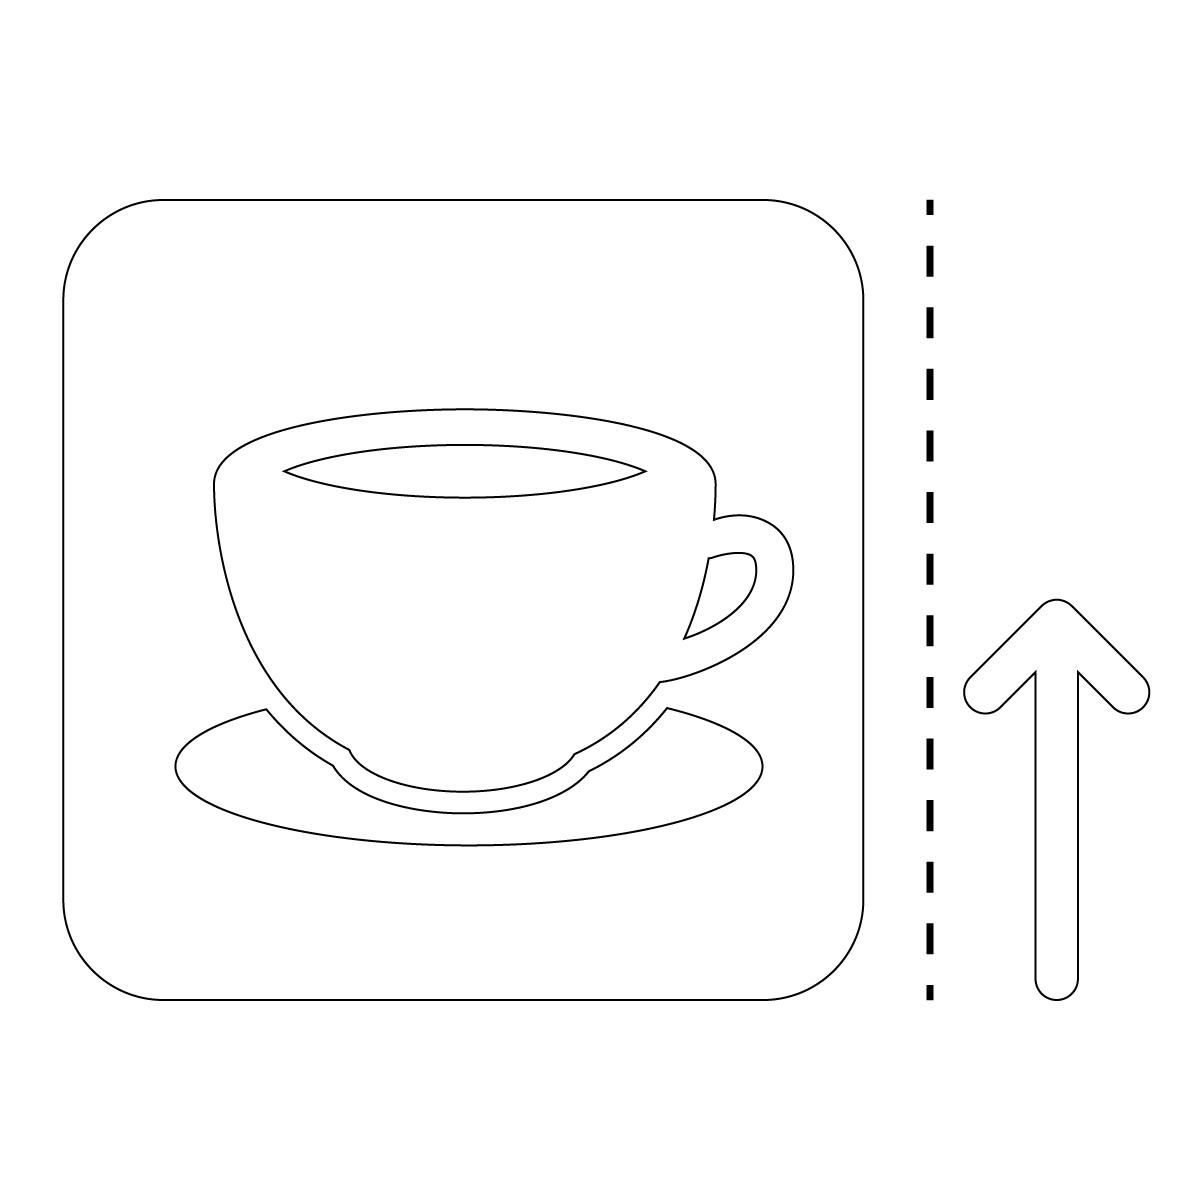 白色のコーヒー カフェ 喫茶店 案内 マーク(矢印付き)のカッティング ステッカー シール 光沢タイプ・防水・耐水・屋外耐候3~4年